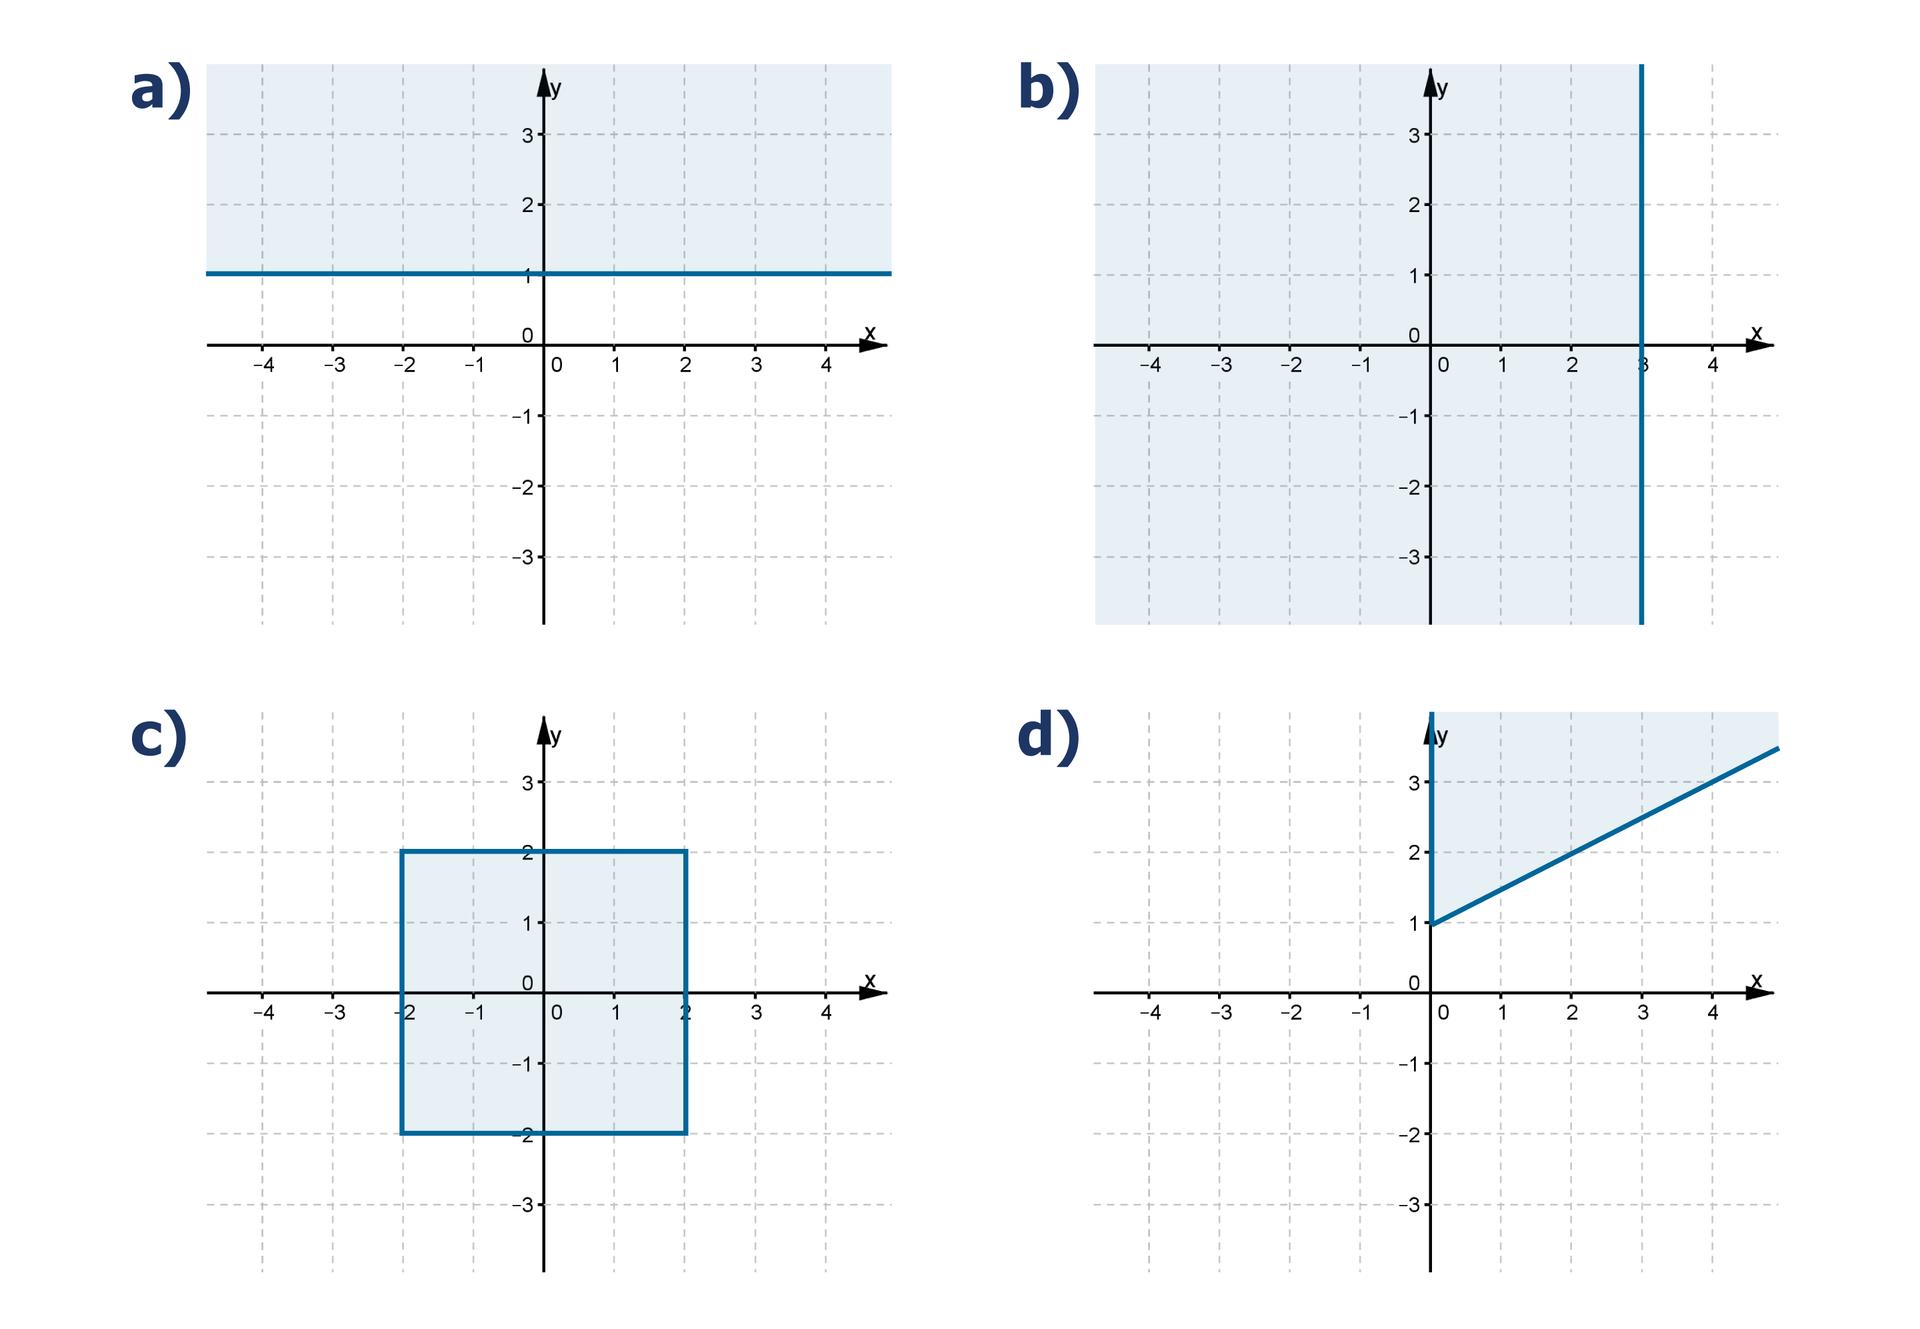 Rysunki czterech układów współrzędnych: Na pierwszym zaznaczone punkty leżące powyżej prostej równoległej do osi OX iprzecinającej oś OY wpunkcie (0, 1) wraz ztą prostą. Na drugim zaznaczone punkty leżące po lewej stronie prostej równoległej do osi OY iprzecinającej oś OX wpunkcie (3, 0) wraz ztą prostą. Na trzecim zaznaczone punkty leżące wewnątrz kwadratu, którego wierzchołki mają współrzędne (2, 2), (-2, 2), (-2, -2), (2, -2) wraz ztym kwadratem. Na czwartym zaznaczone punkty leżące wewnątrz kąta, którego wierzchołek znajduje się wpunkcie owspółrzędnych (0, 1). Jedno ramię pokrywa się zprostą OY iprzechodzi przez punkt (0, 3). Drugie ramię kąta przechodzi przez punkt owspółrzędnych (4, 3). Zaznaczony obszar obejmuje wnętrze kąta wraz zjego wierzchołkiem iramionami.